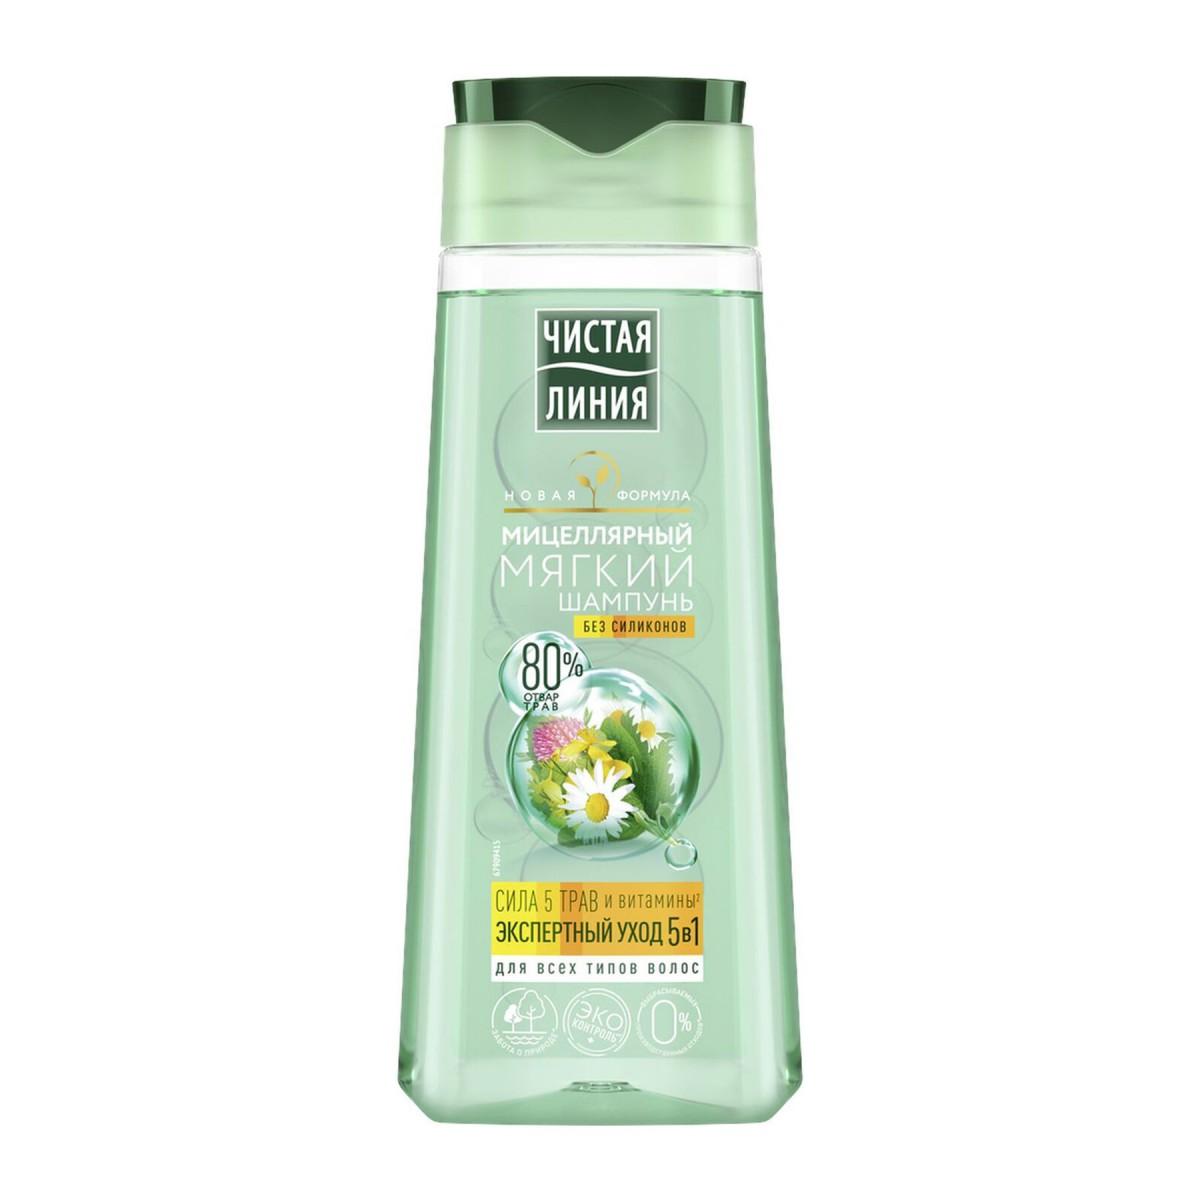 """Čistaya Liniya - micelarni šampon, 5 v 1, 250 ml/Чистая Линия - шампунь """"Мицелярный"""", 5 в 1, 250 мл"""